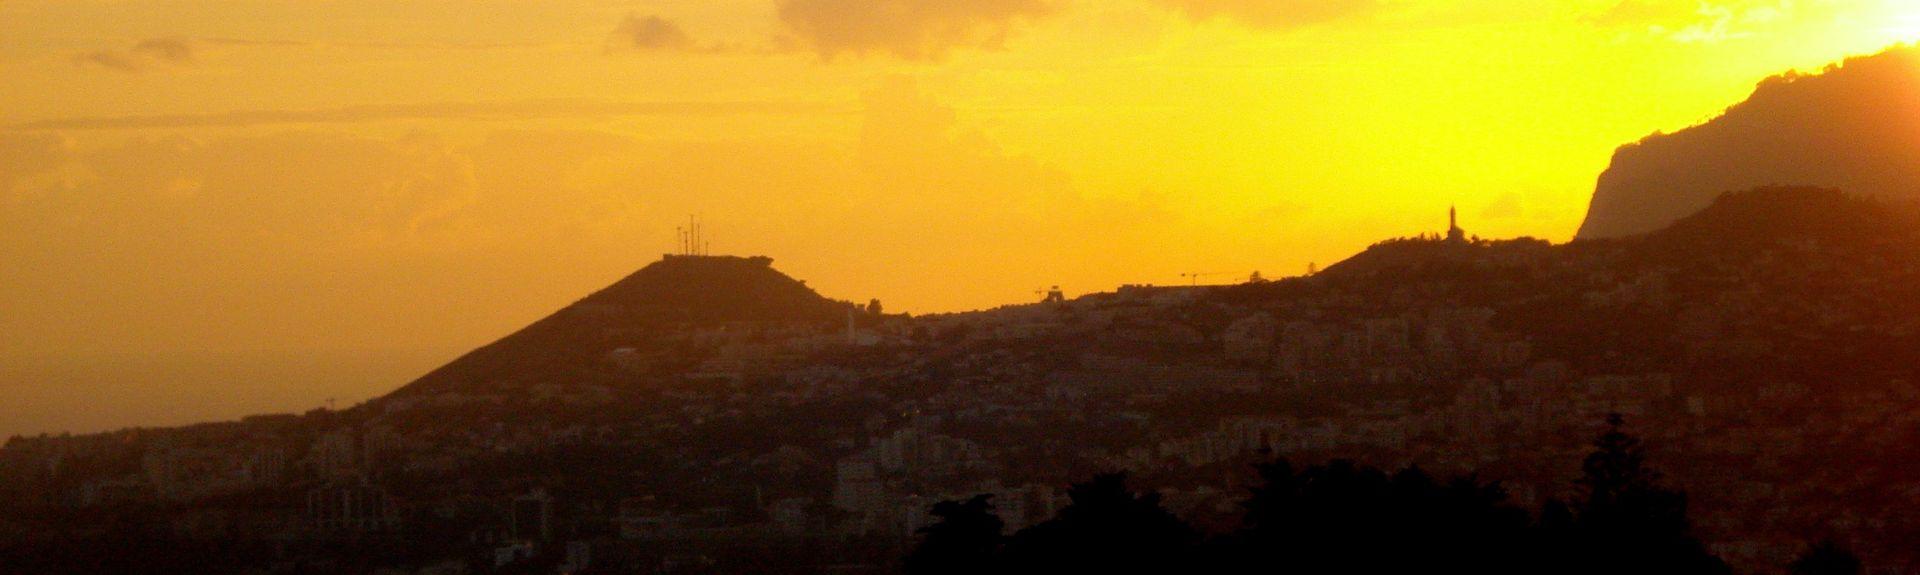 Santana, Región de Madeira, Portugal